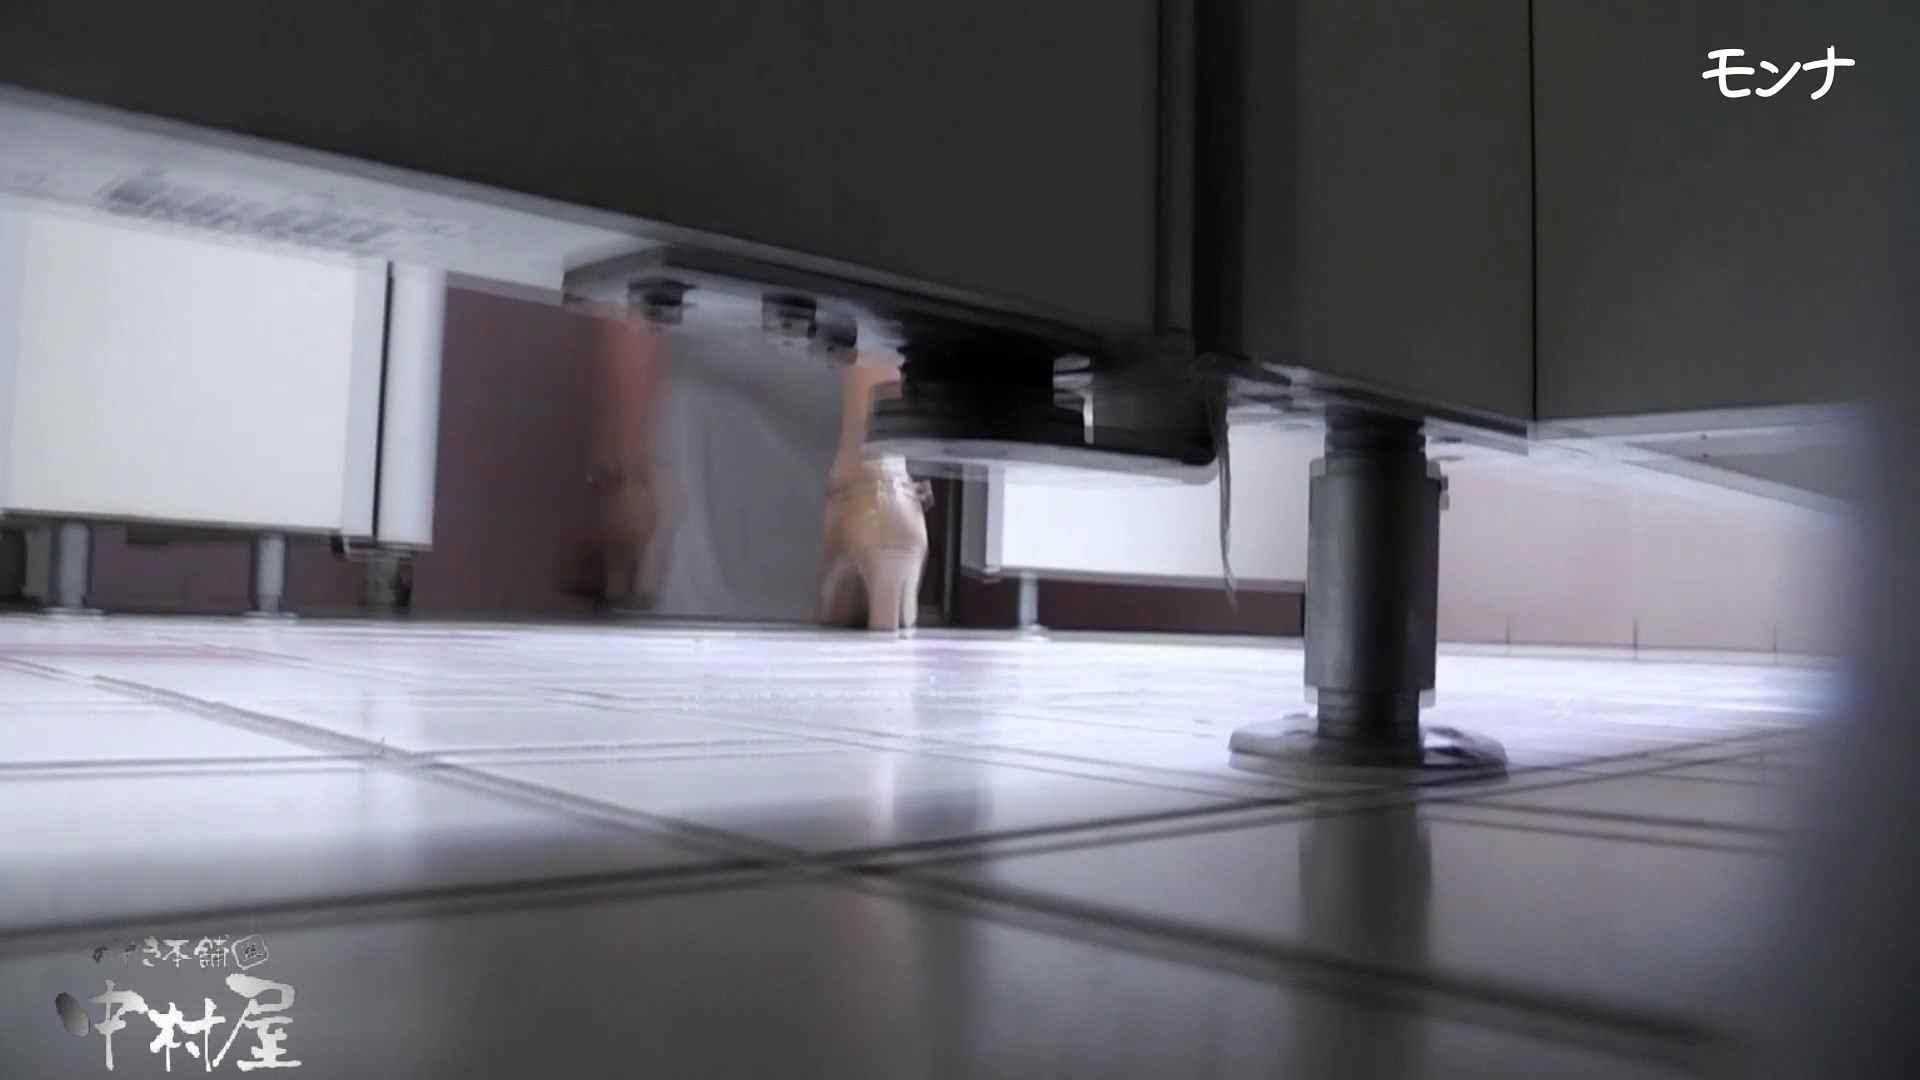 【美しい日本の未来】美しい日本の未来 No.73 自然なセクシーな仕草に感動中 おまんこ見放題  84PIX 22